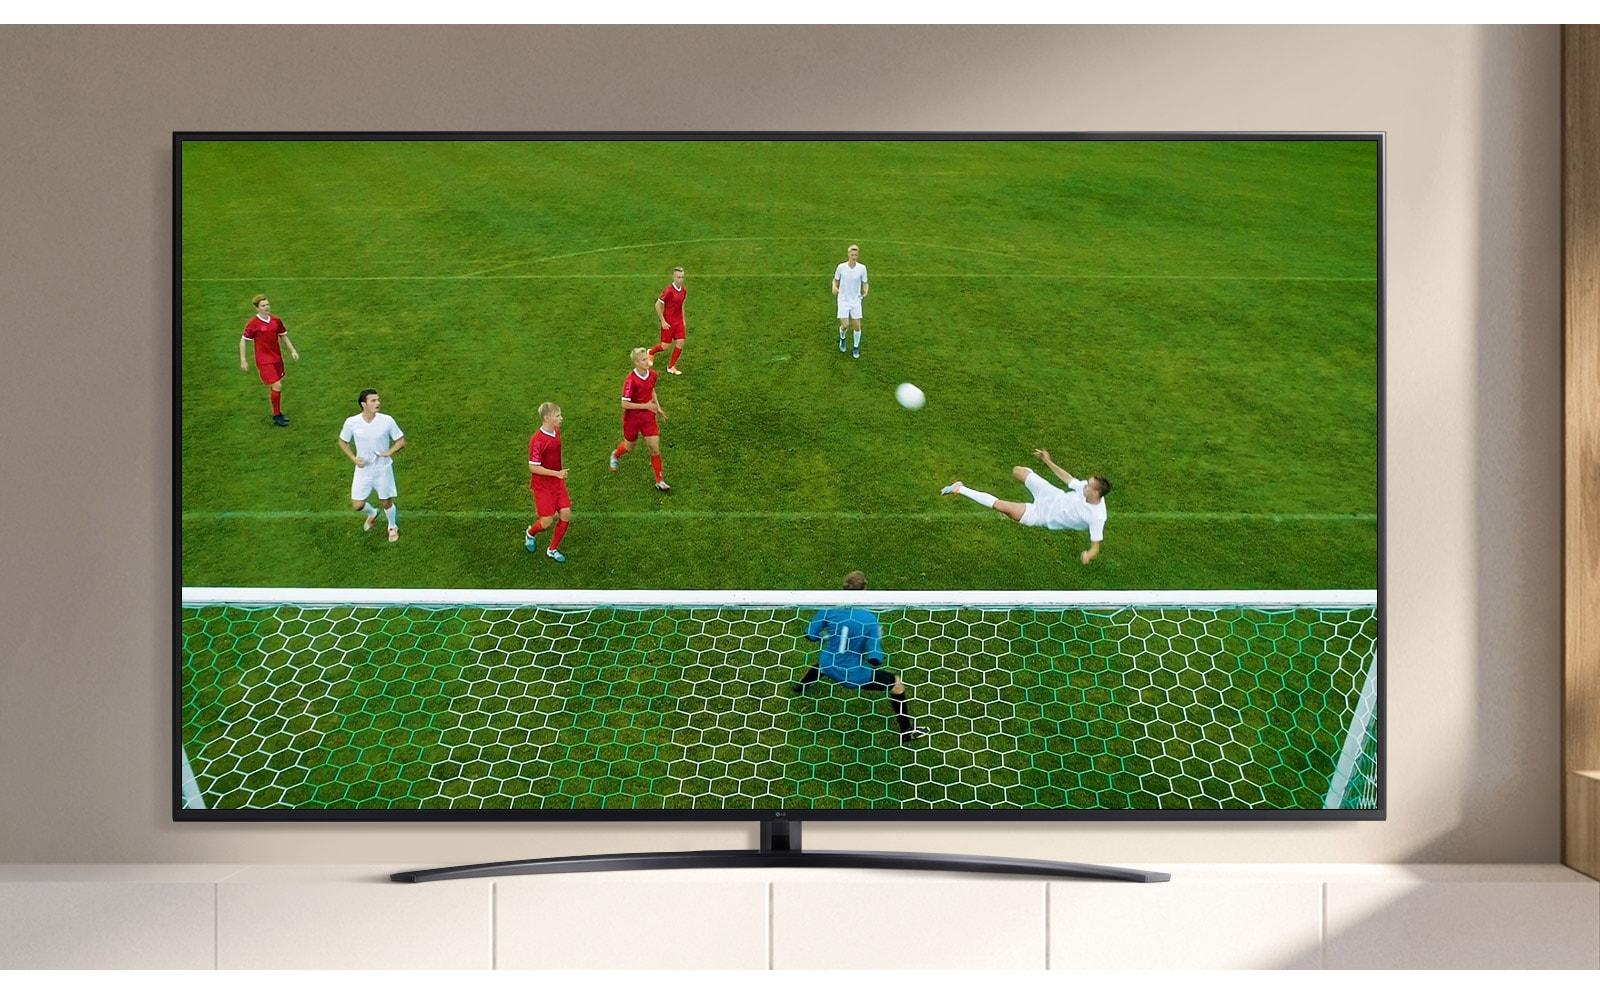 Een tv-scherm met een video van een voetballer die een doelpunt maakt tijdens een voetbalwedstrijd. (Speel de video af)